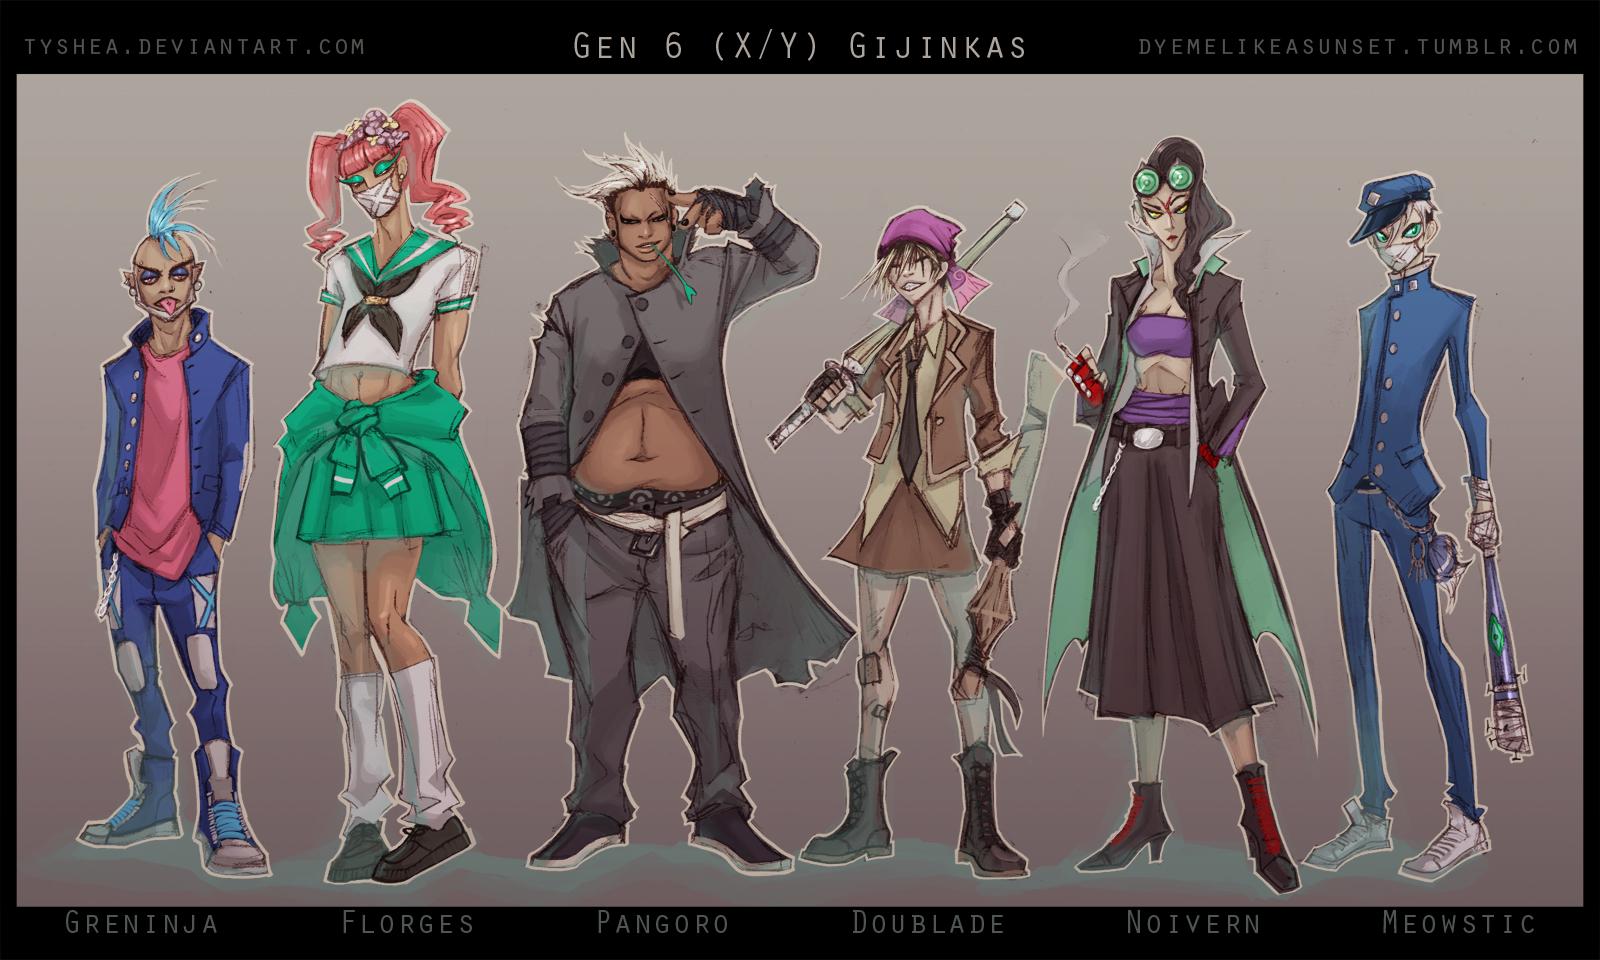 PKMN: Gen 6 Gijinkas by Tyshea